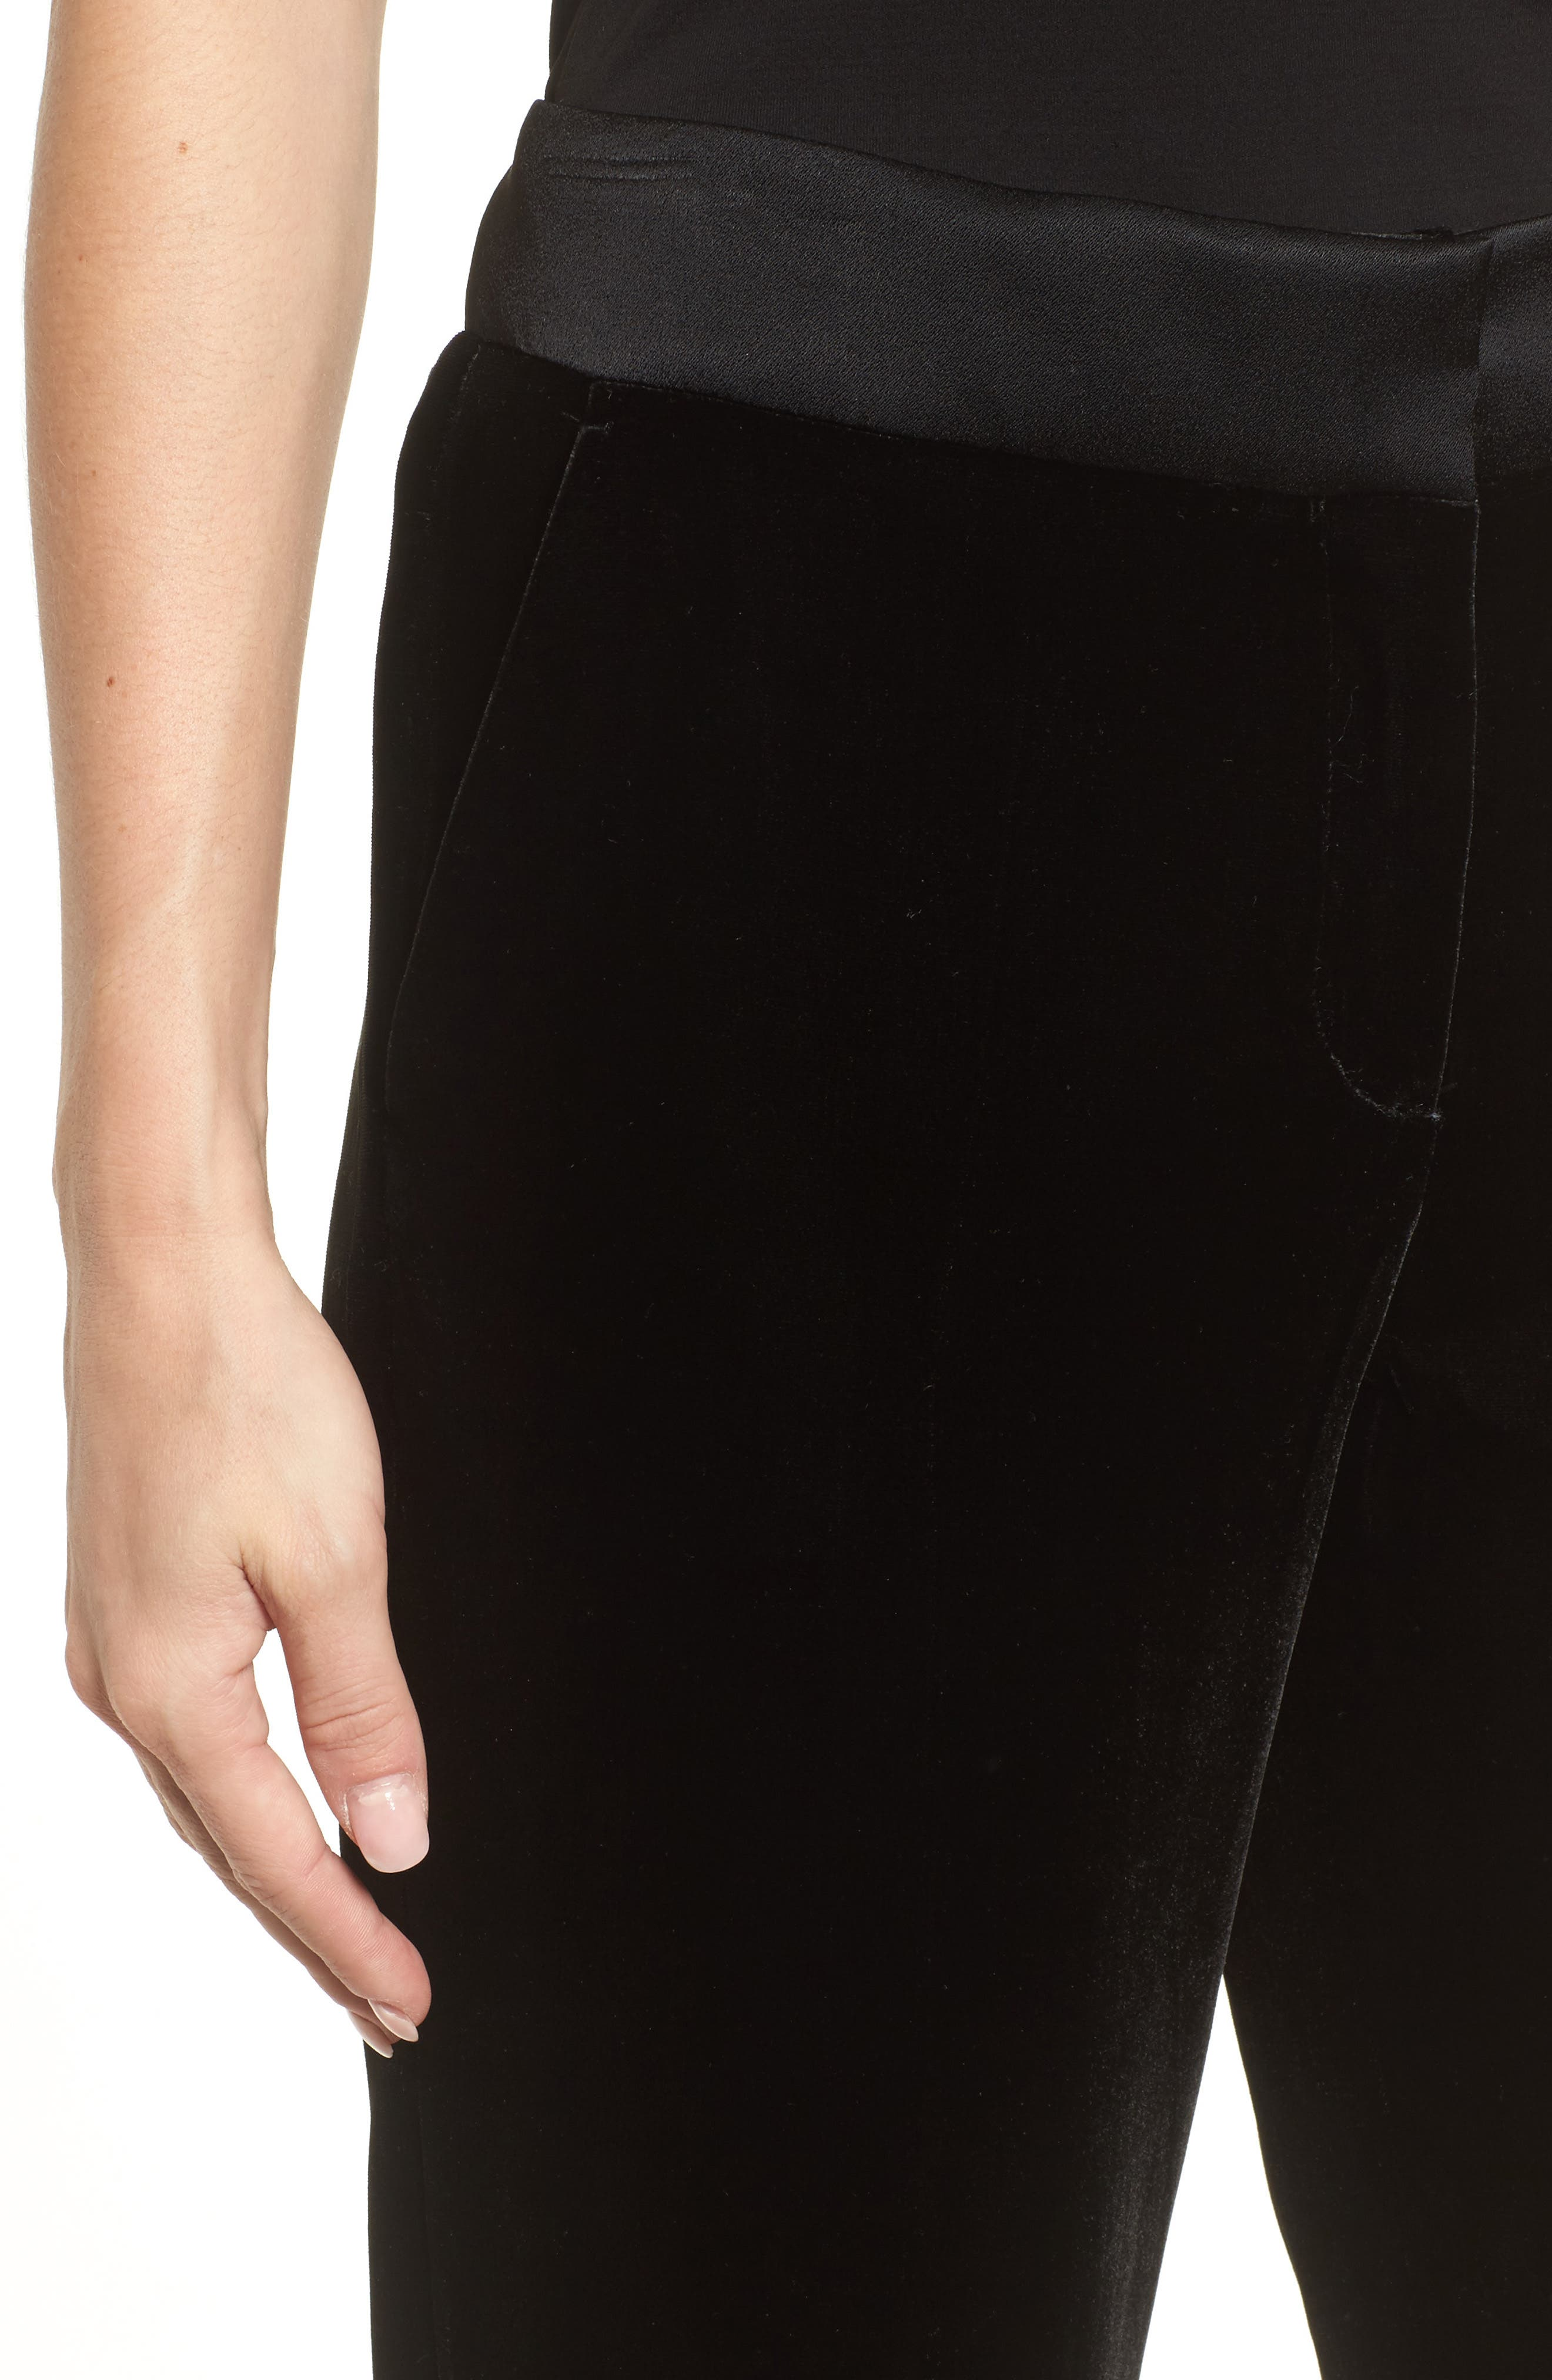 Tolesa Straight Leg Velvet Pants,                             Alternate thumbnail 4, color,                             Black